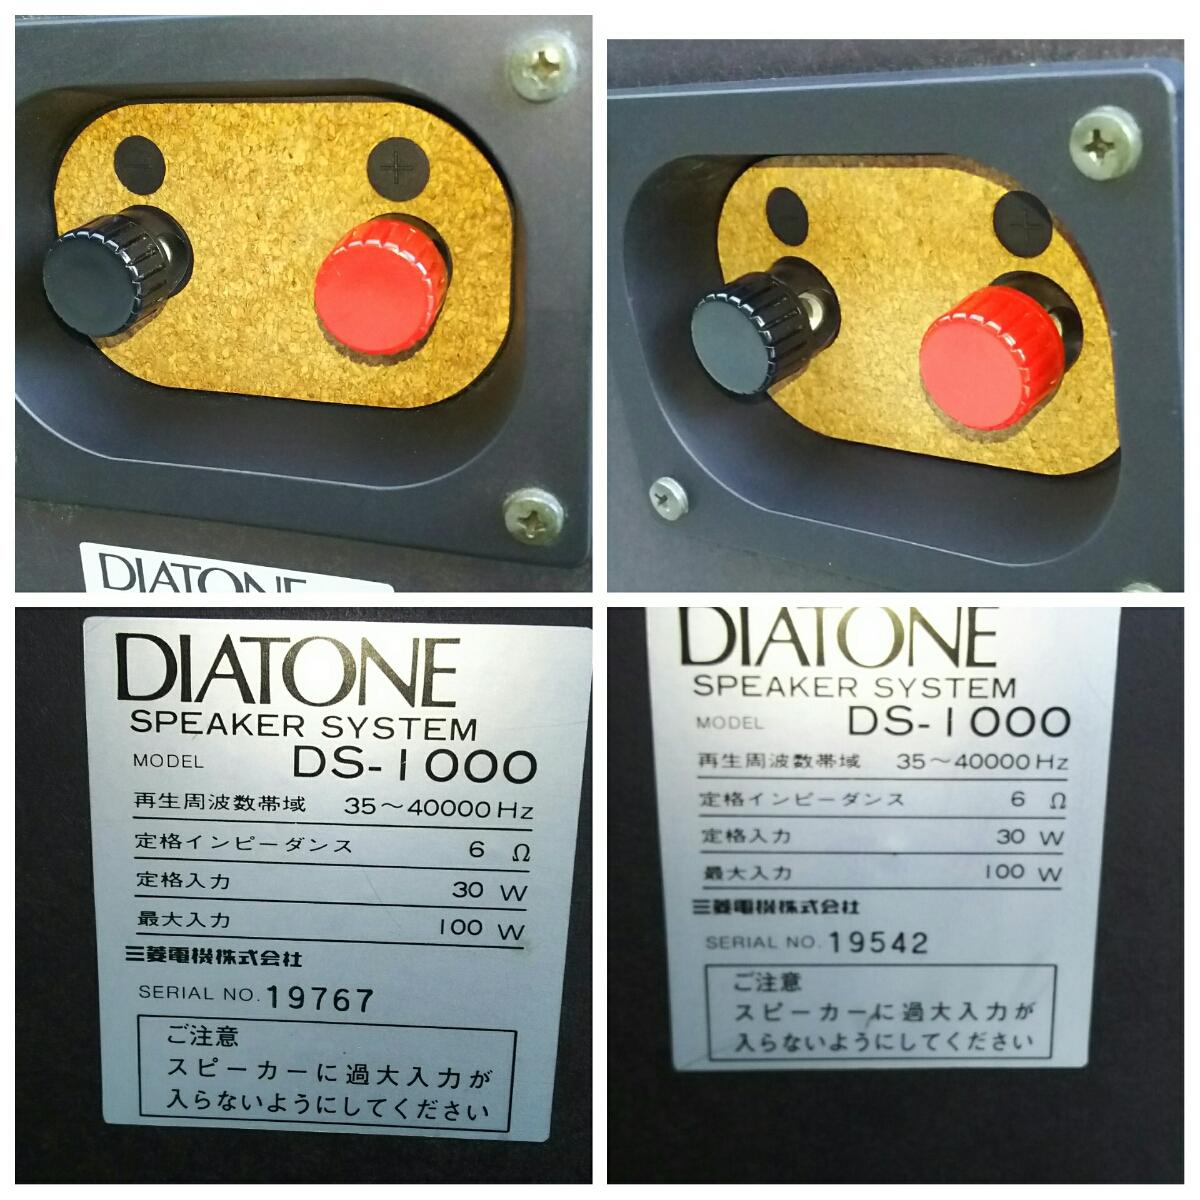 DIATONE DS-1000 奇跡の新品! 二度と出ない!【ペア】【極上】_画像8